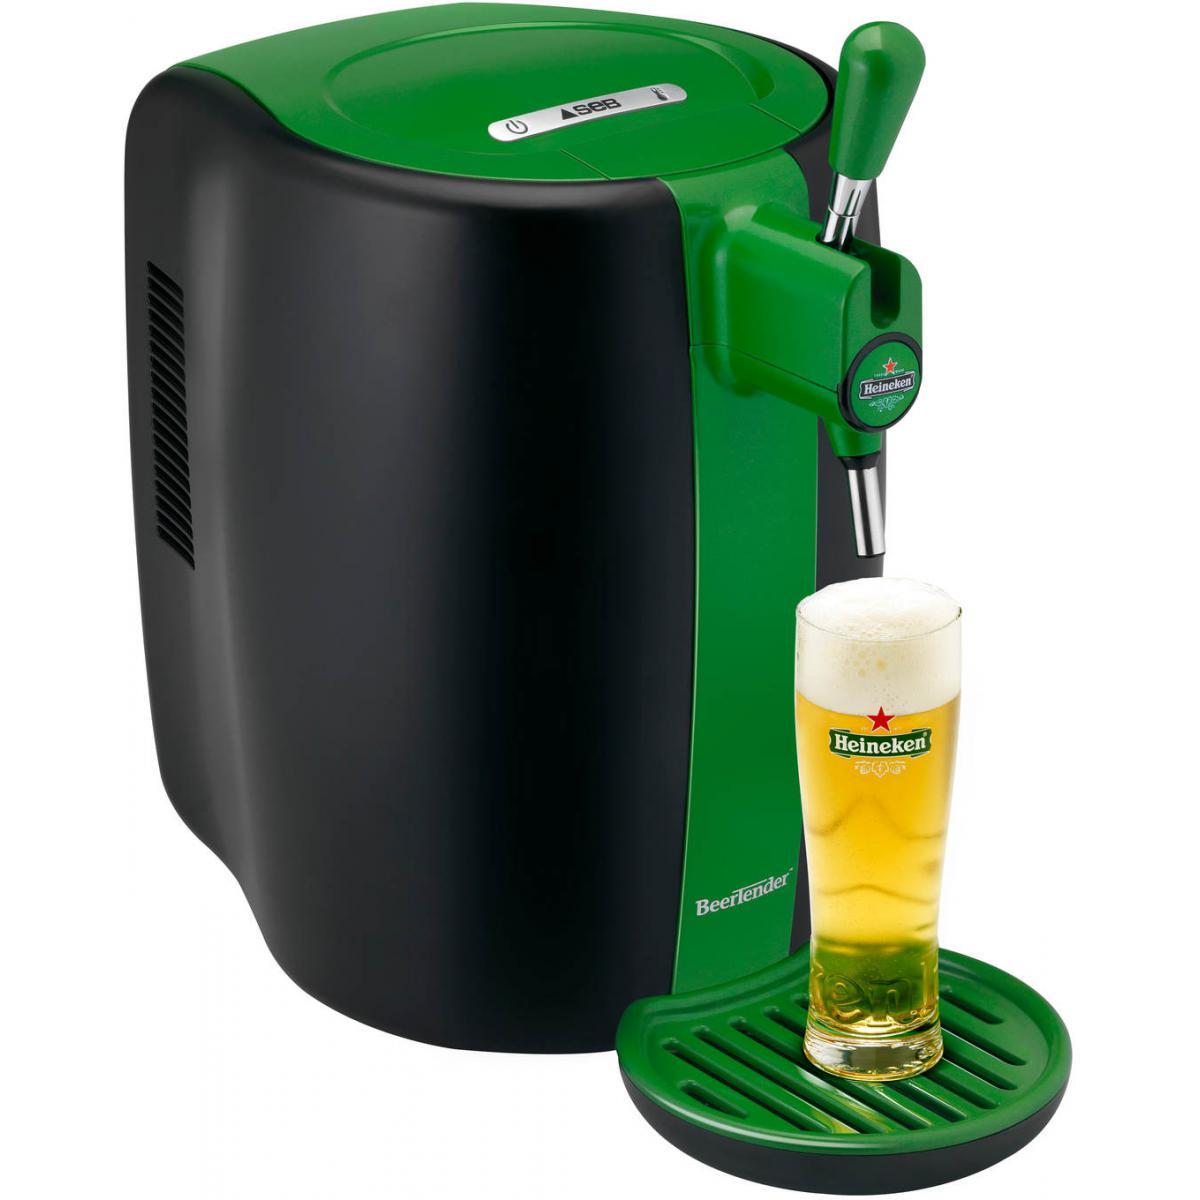 Seb Machine A Biere Beertender 5l 6varietes De Biere + 4 Verres Collector Seb - Yy4148fd